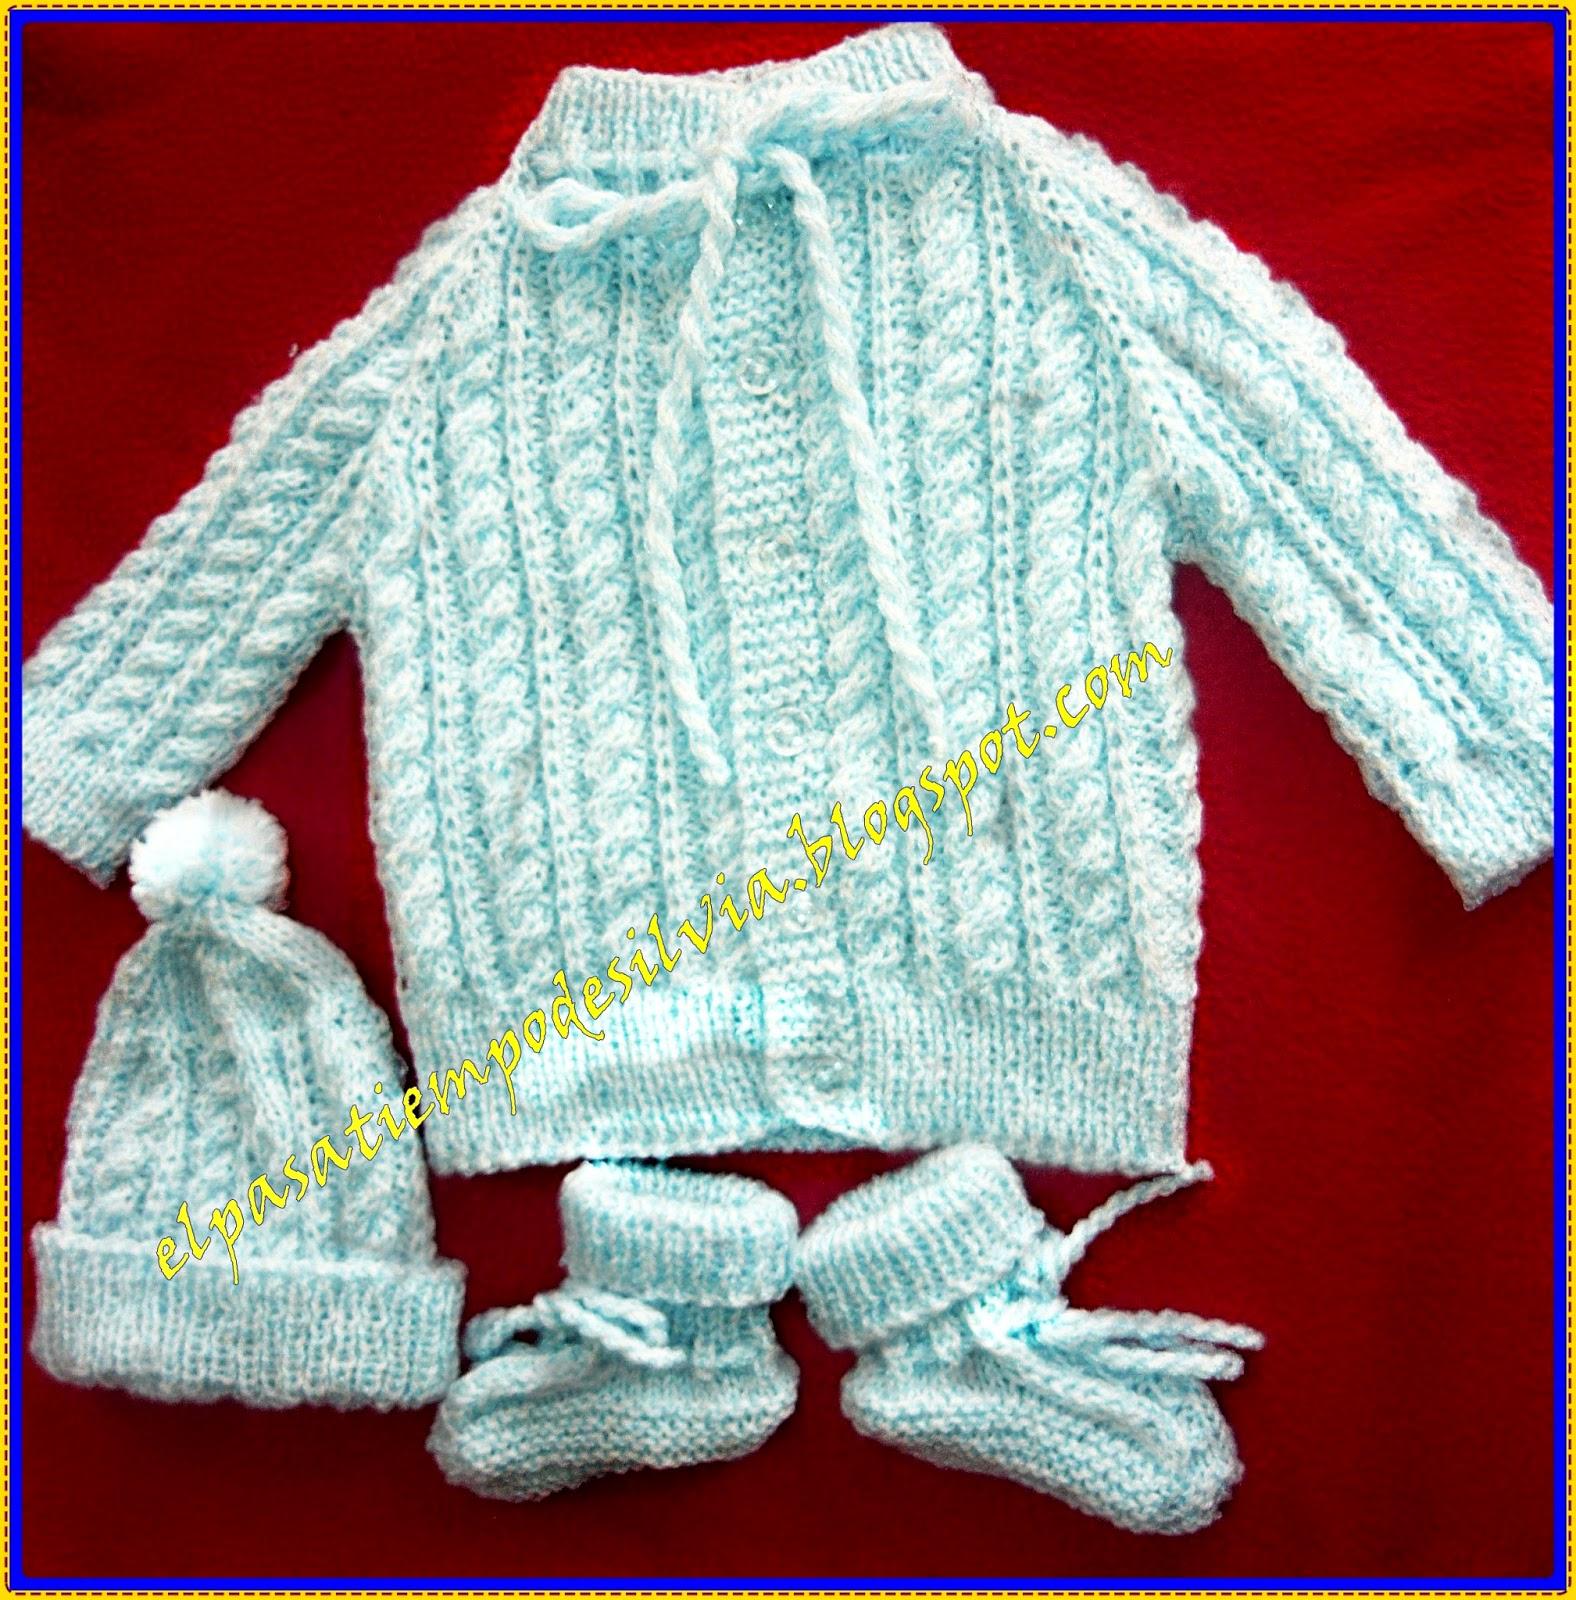 EL PASATIEMPO DE SILVIA: Ropa de bebé